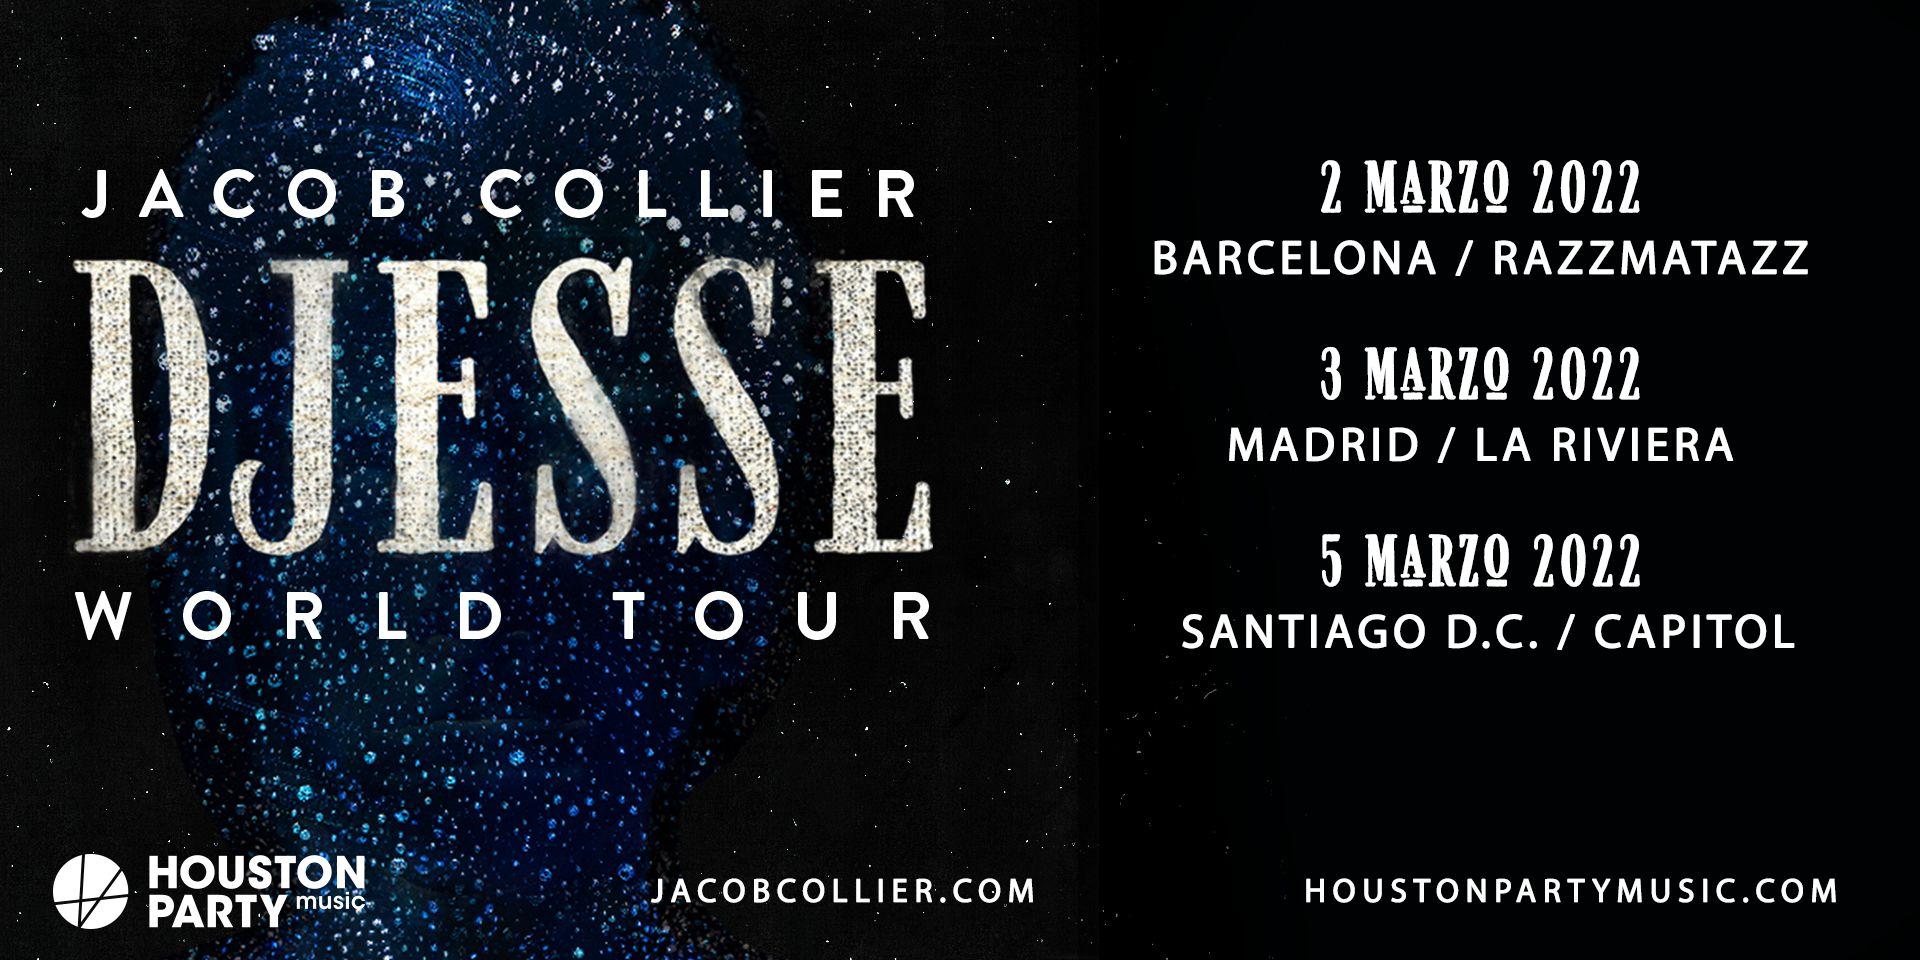 Jacob Collier, en Barcelona, Madrid y Santiago de Compostela en marzo de 2022